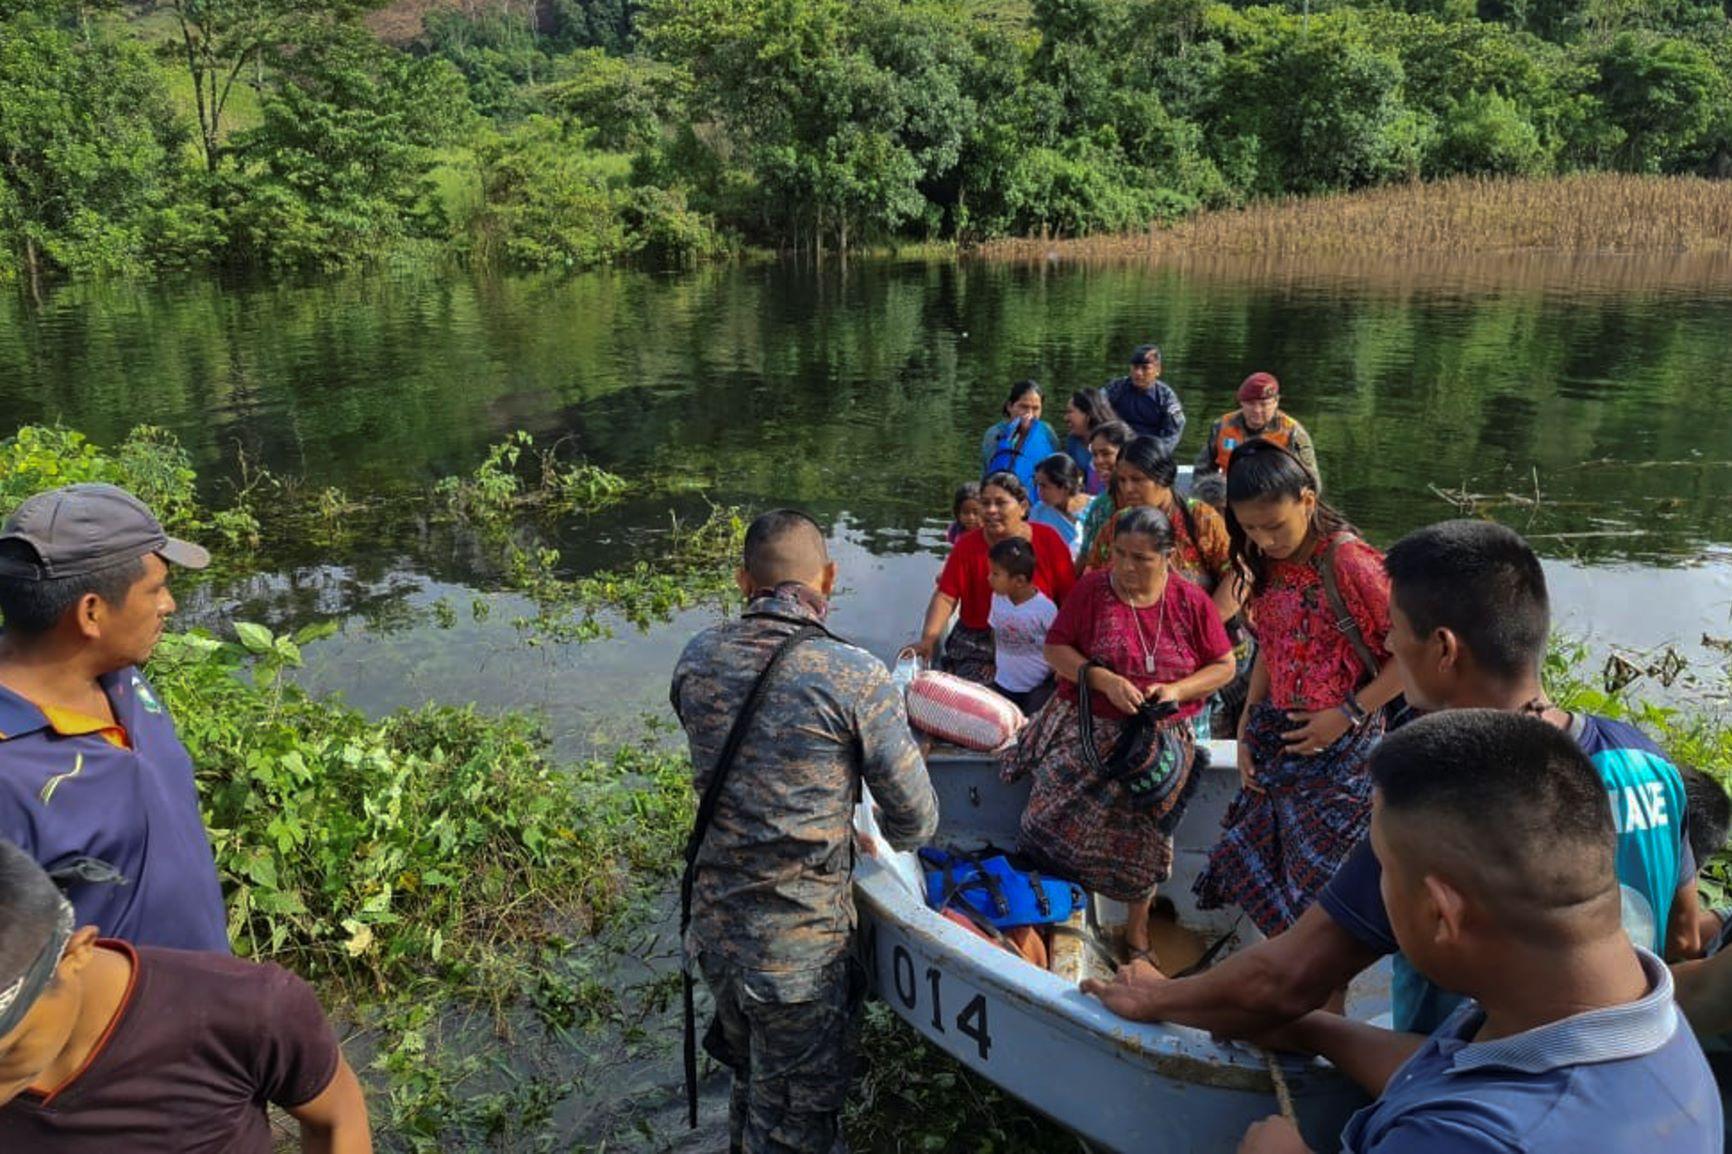 Exército guatemalteco resgata indígenas no sul do país: mais de 100 ainda desaparecidos em aldeia soterrada por deslizamento de terra (Foto: Exército da Guatemala/AFP)